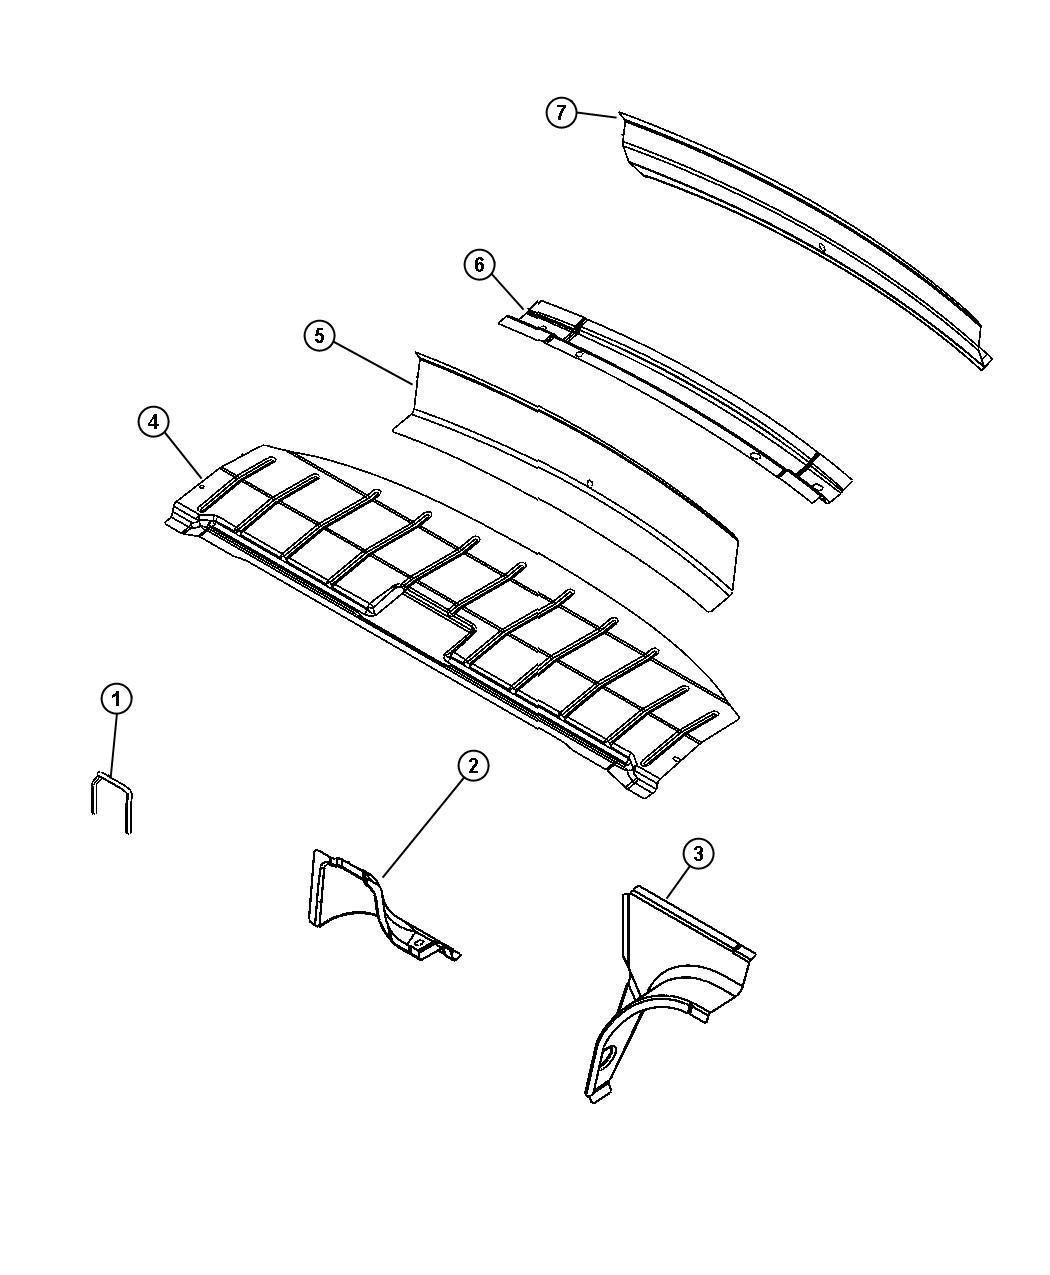 2002 pt cruiser parts diagram